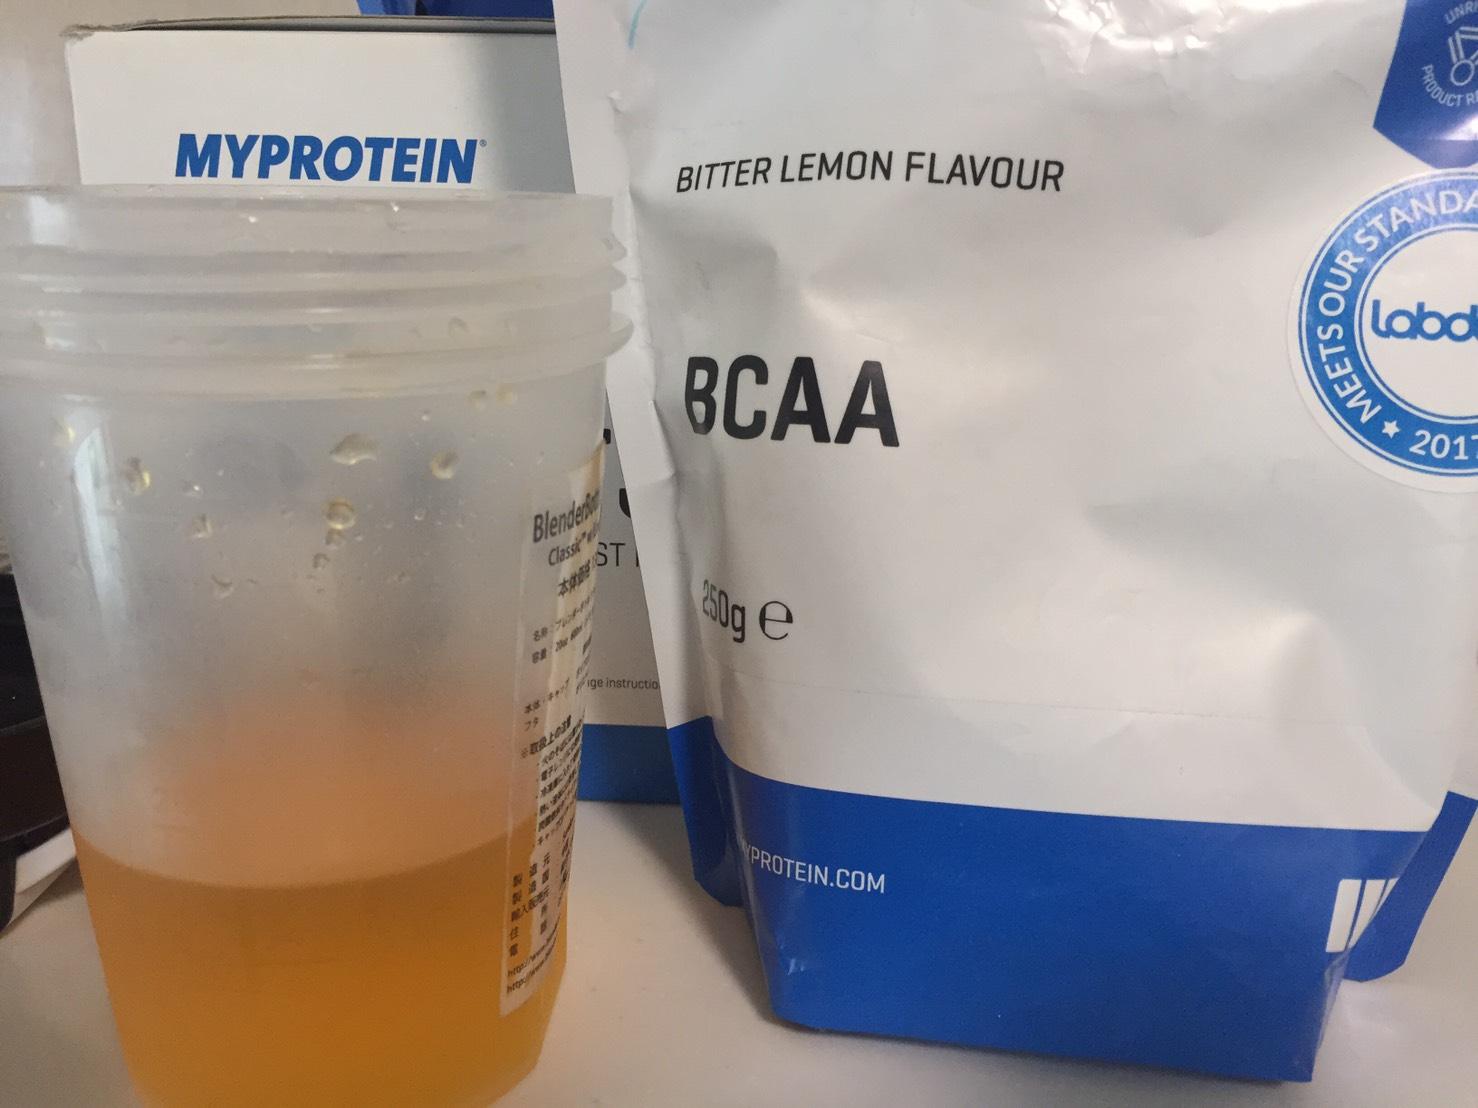 L-グルタミン「PEACH&MANGO FLAVOUR(ピーチ&マンゴー味)」にBCAA「ビターレモン味」を追加